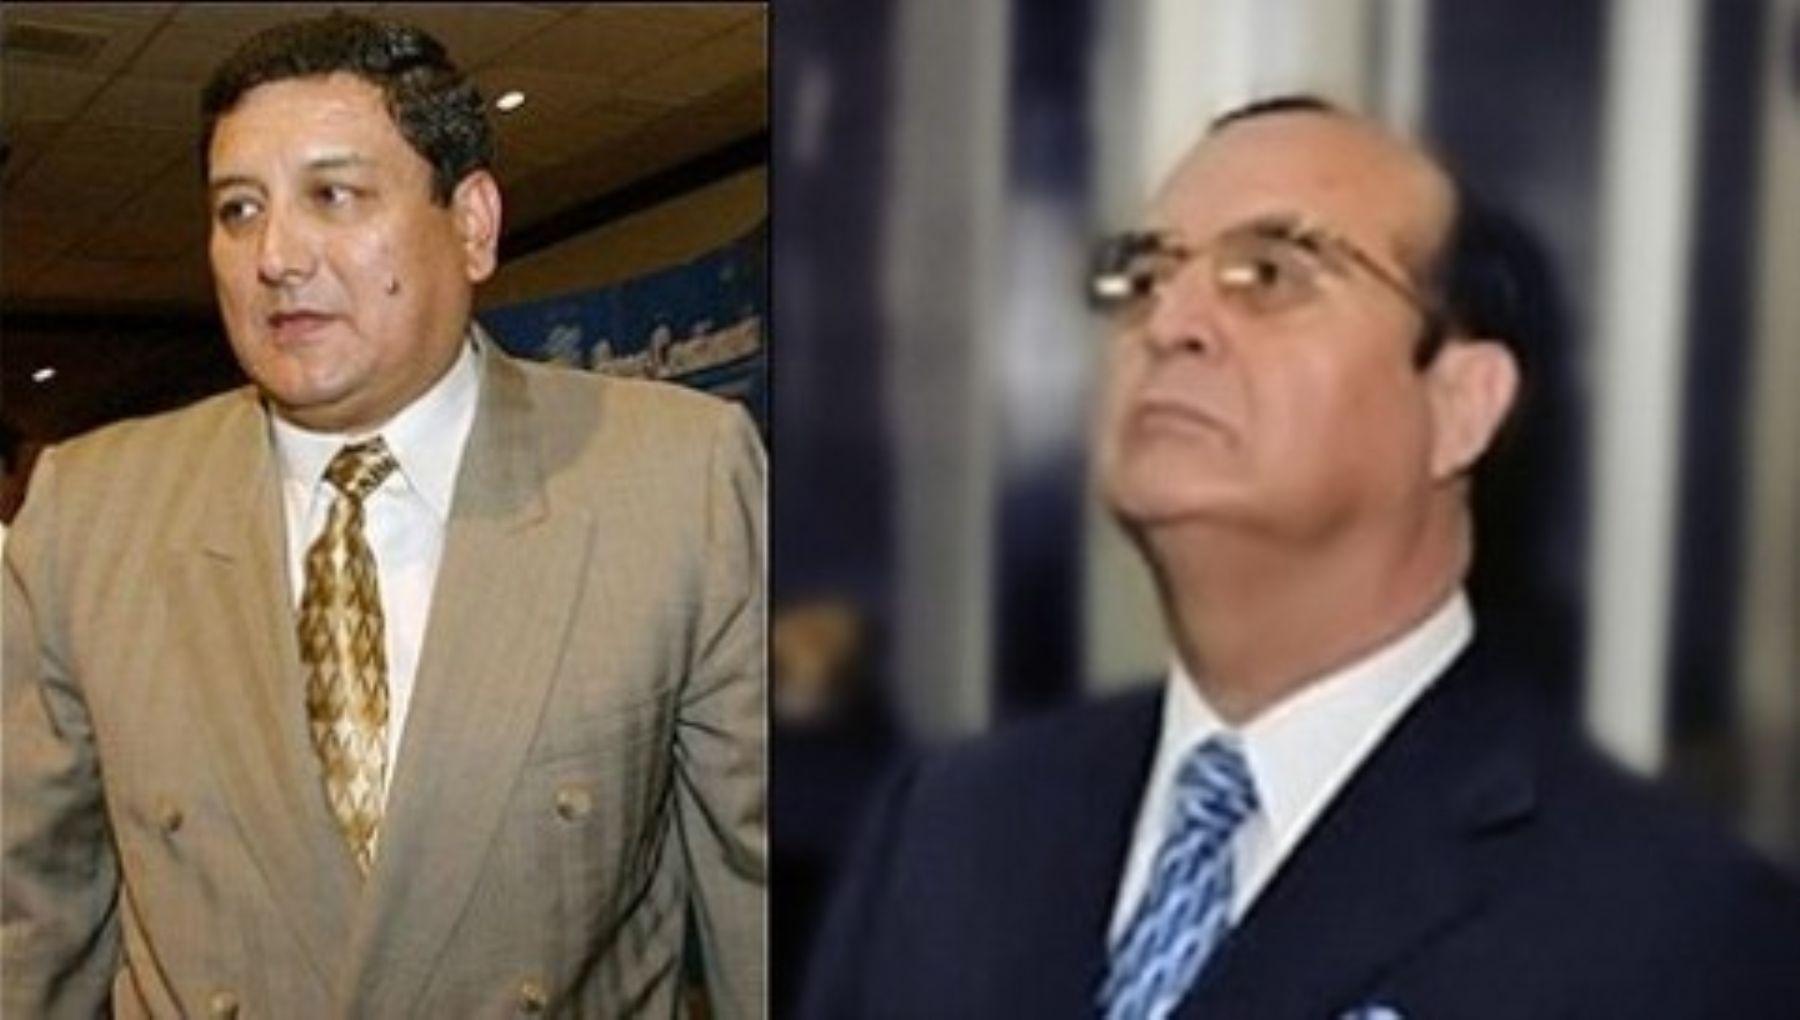 Se inició juicio oral a Vladimiro Montesinos y Fernando Zevallos por el delito de lavado de activos. Foto: ANDINA/Internet.